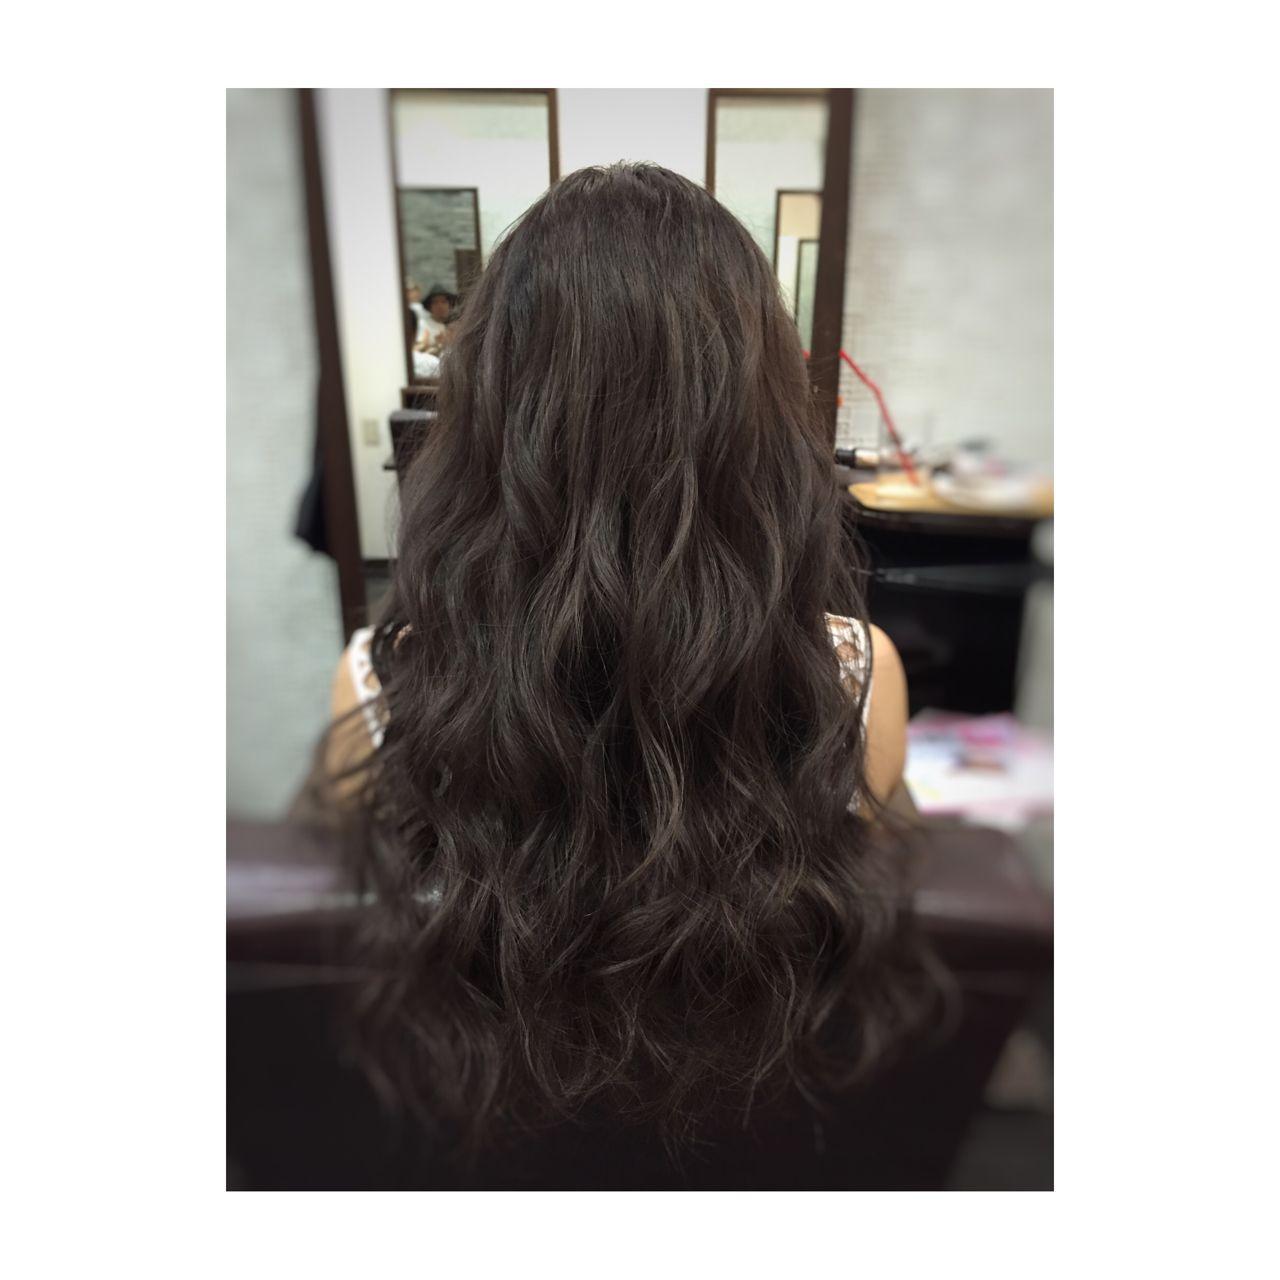 【ロング編】秋冬はこの色で決まり♡アッシュで作る暗髪が可愛すぎる 大石 悠人